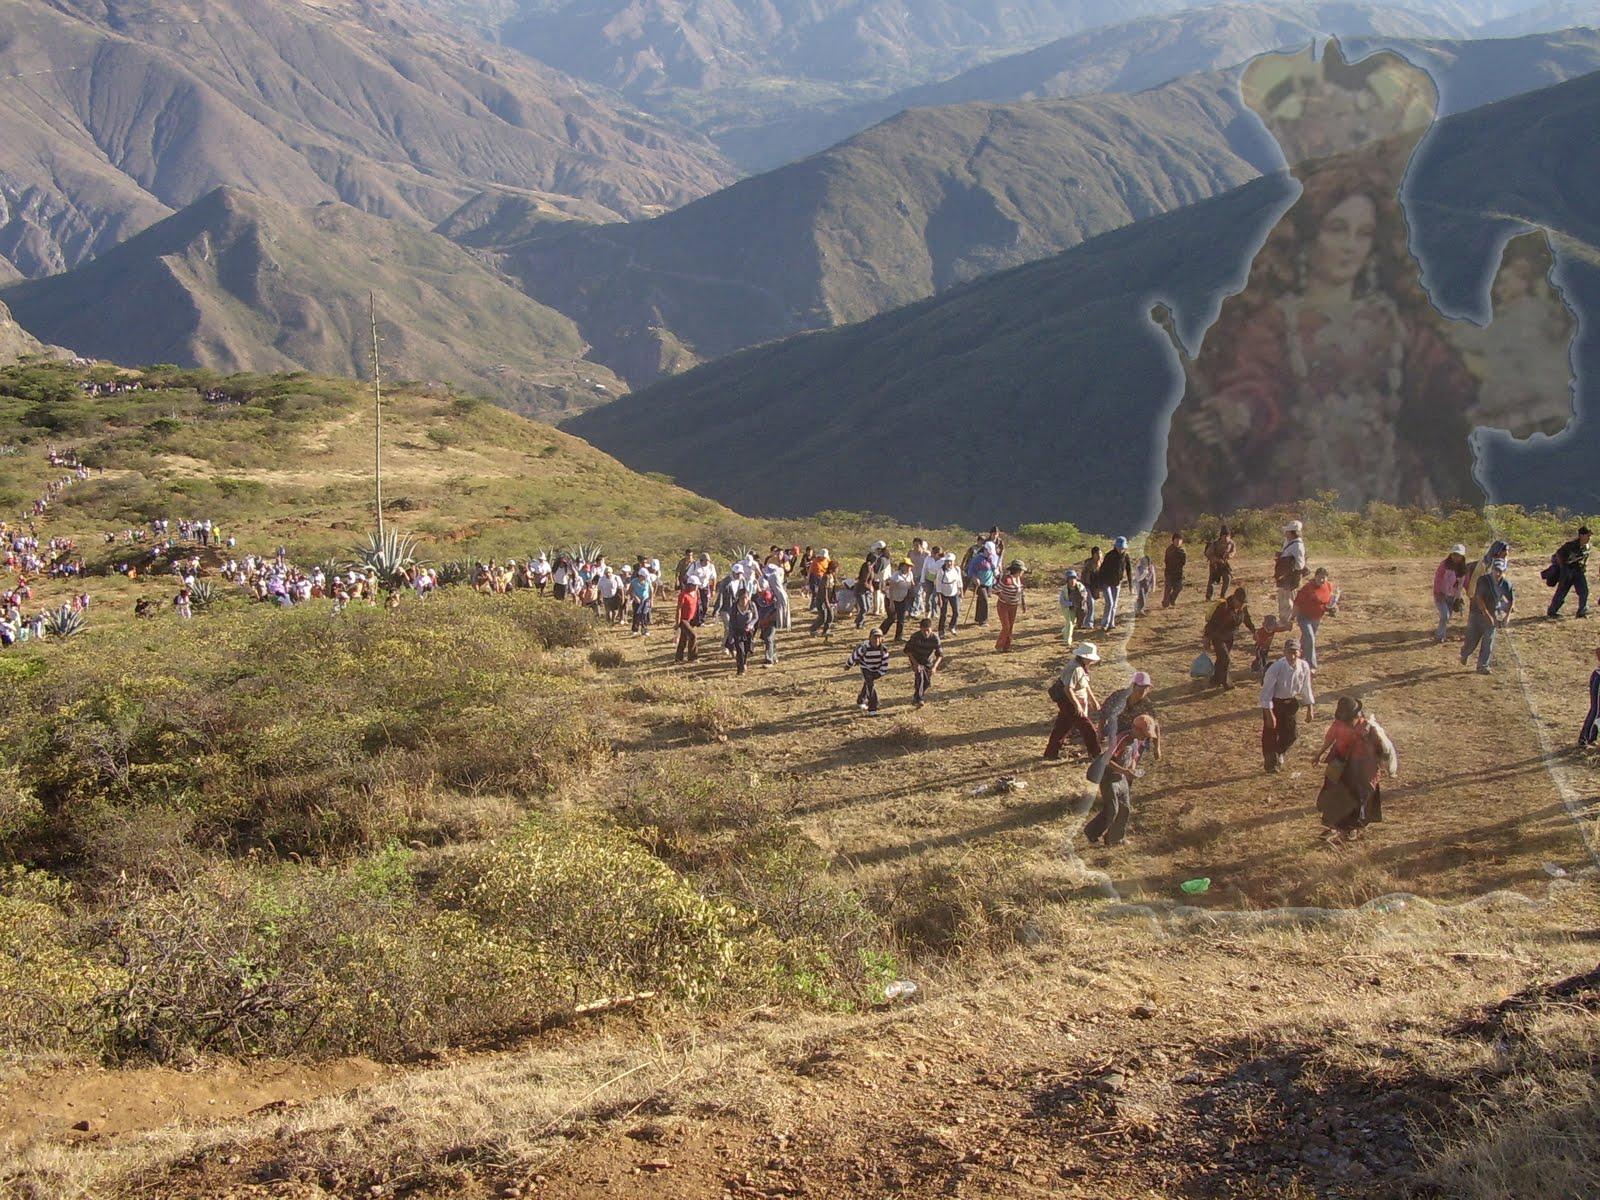 Virgen del Cisne, Apareció para Terminar con una Sequía, Ecuador (15 ago)